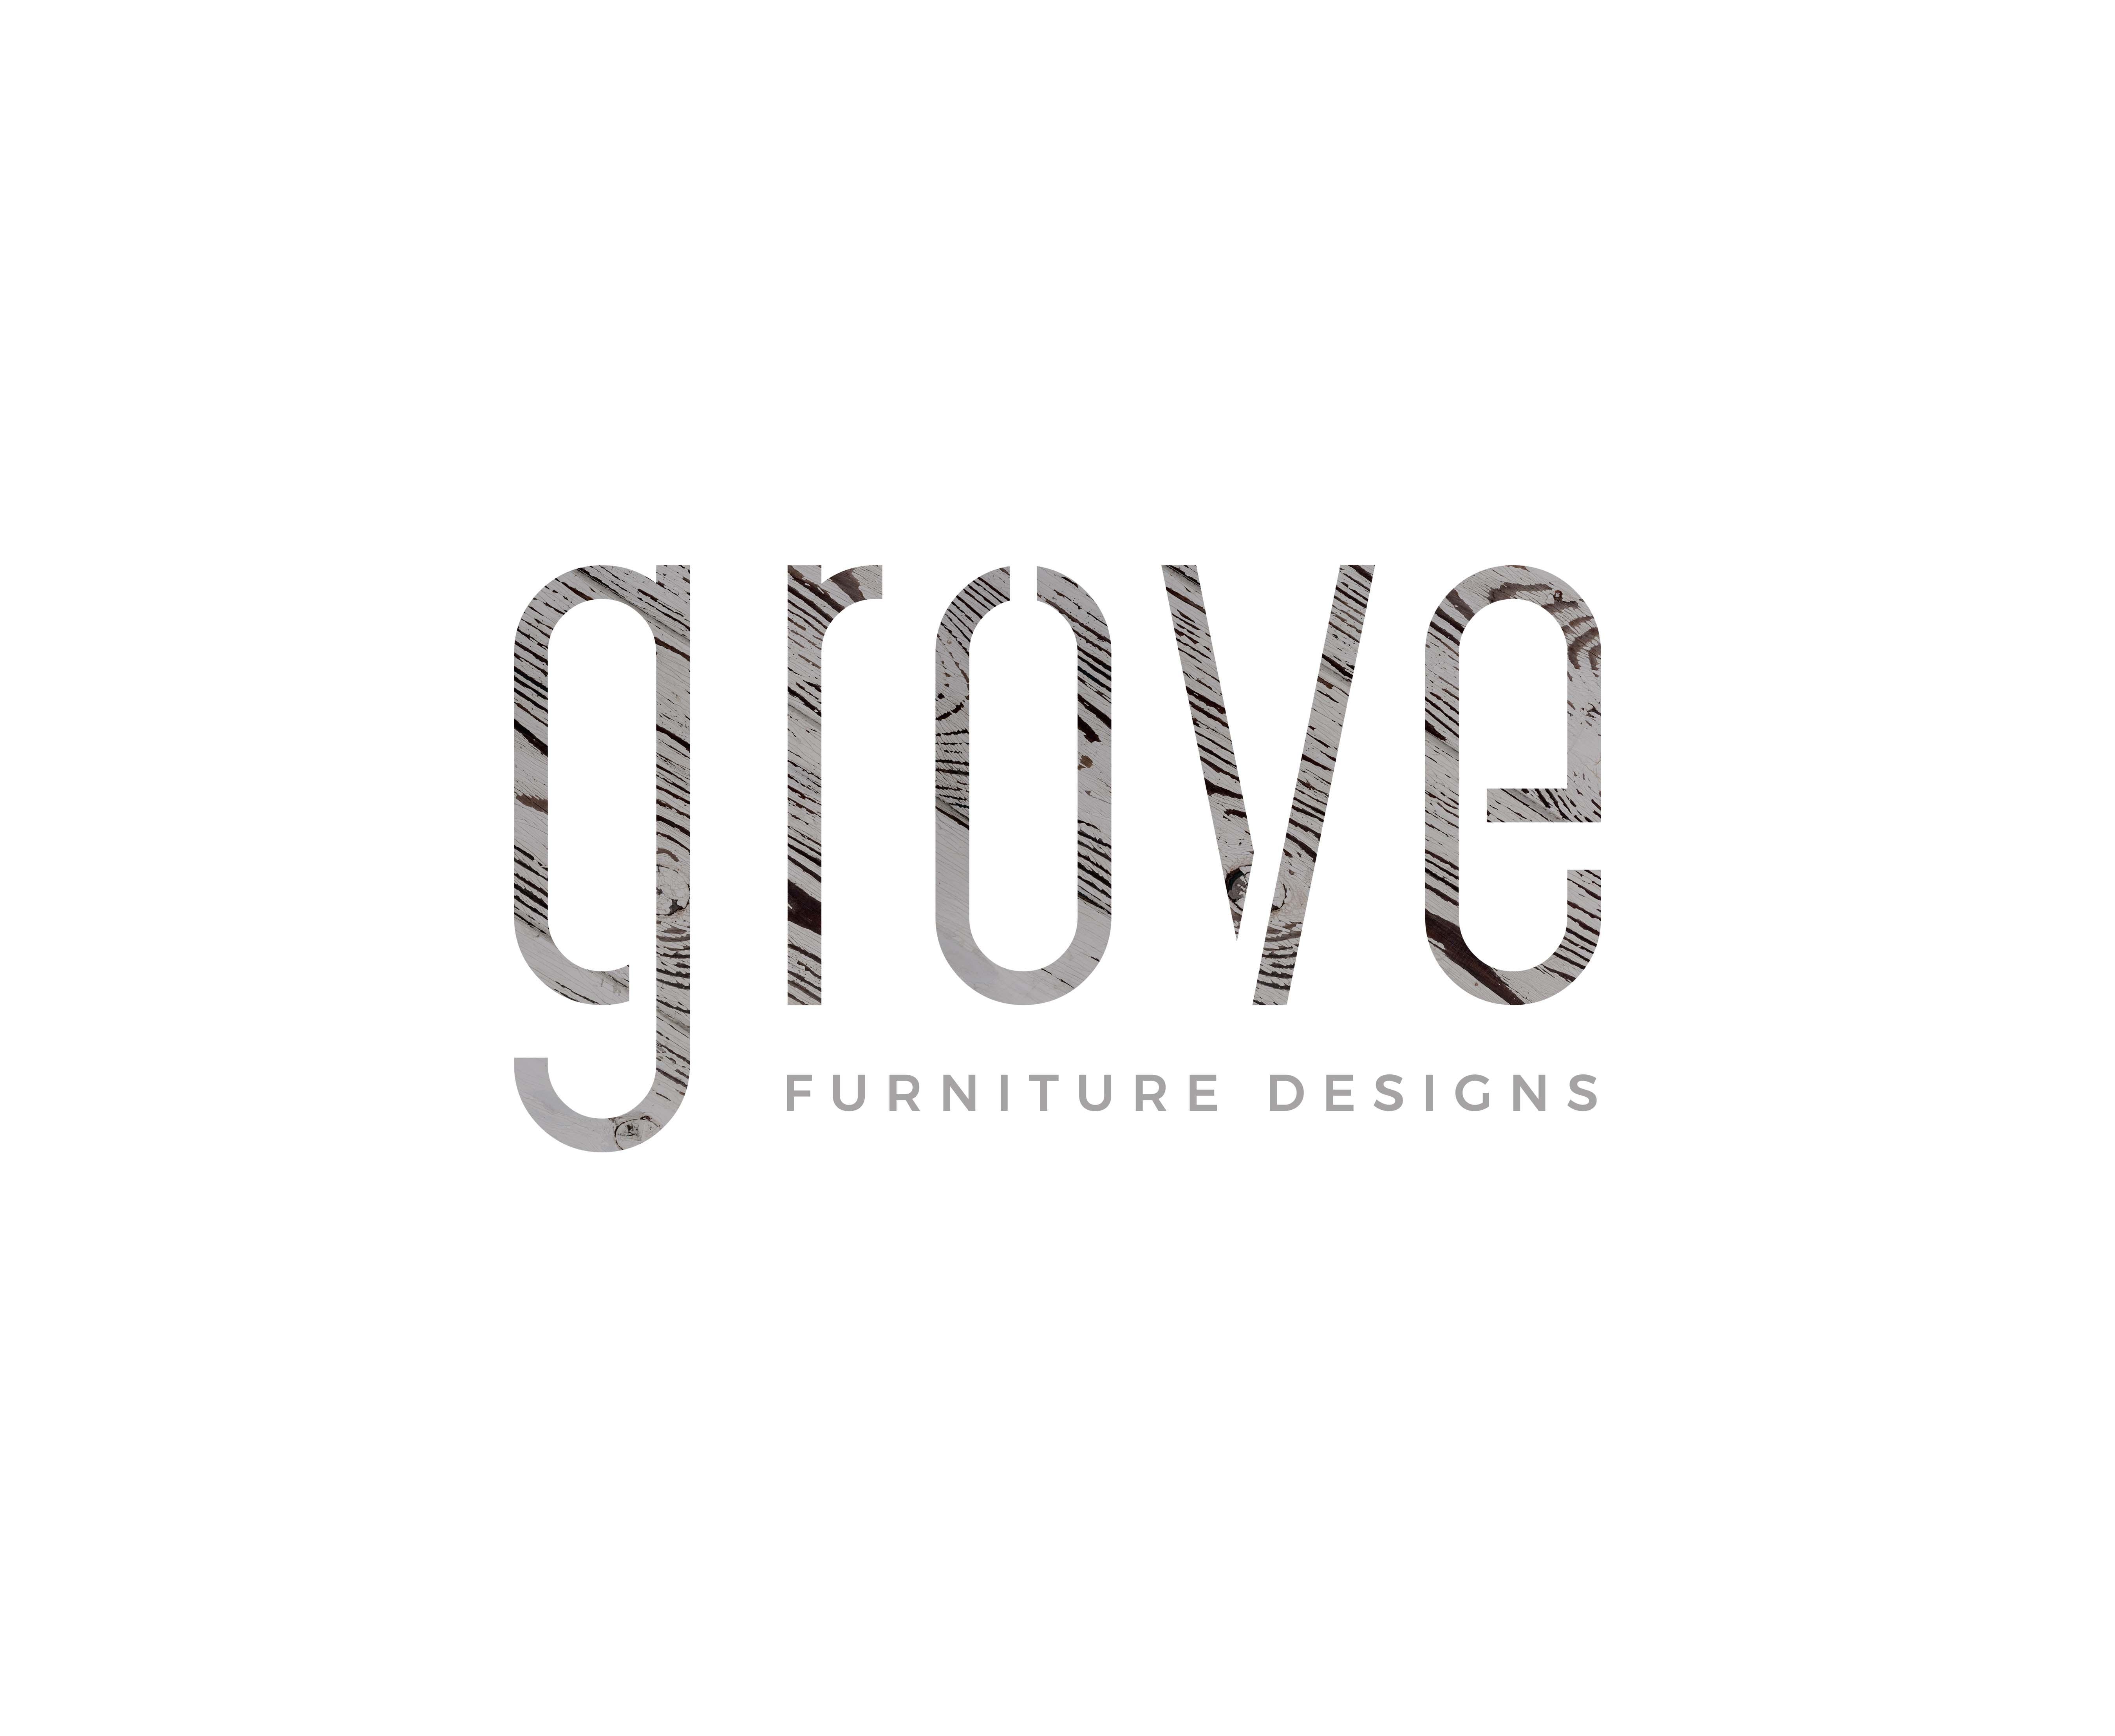 Grove Furniture Designs